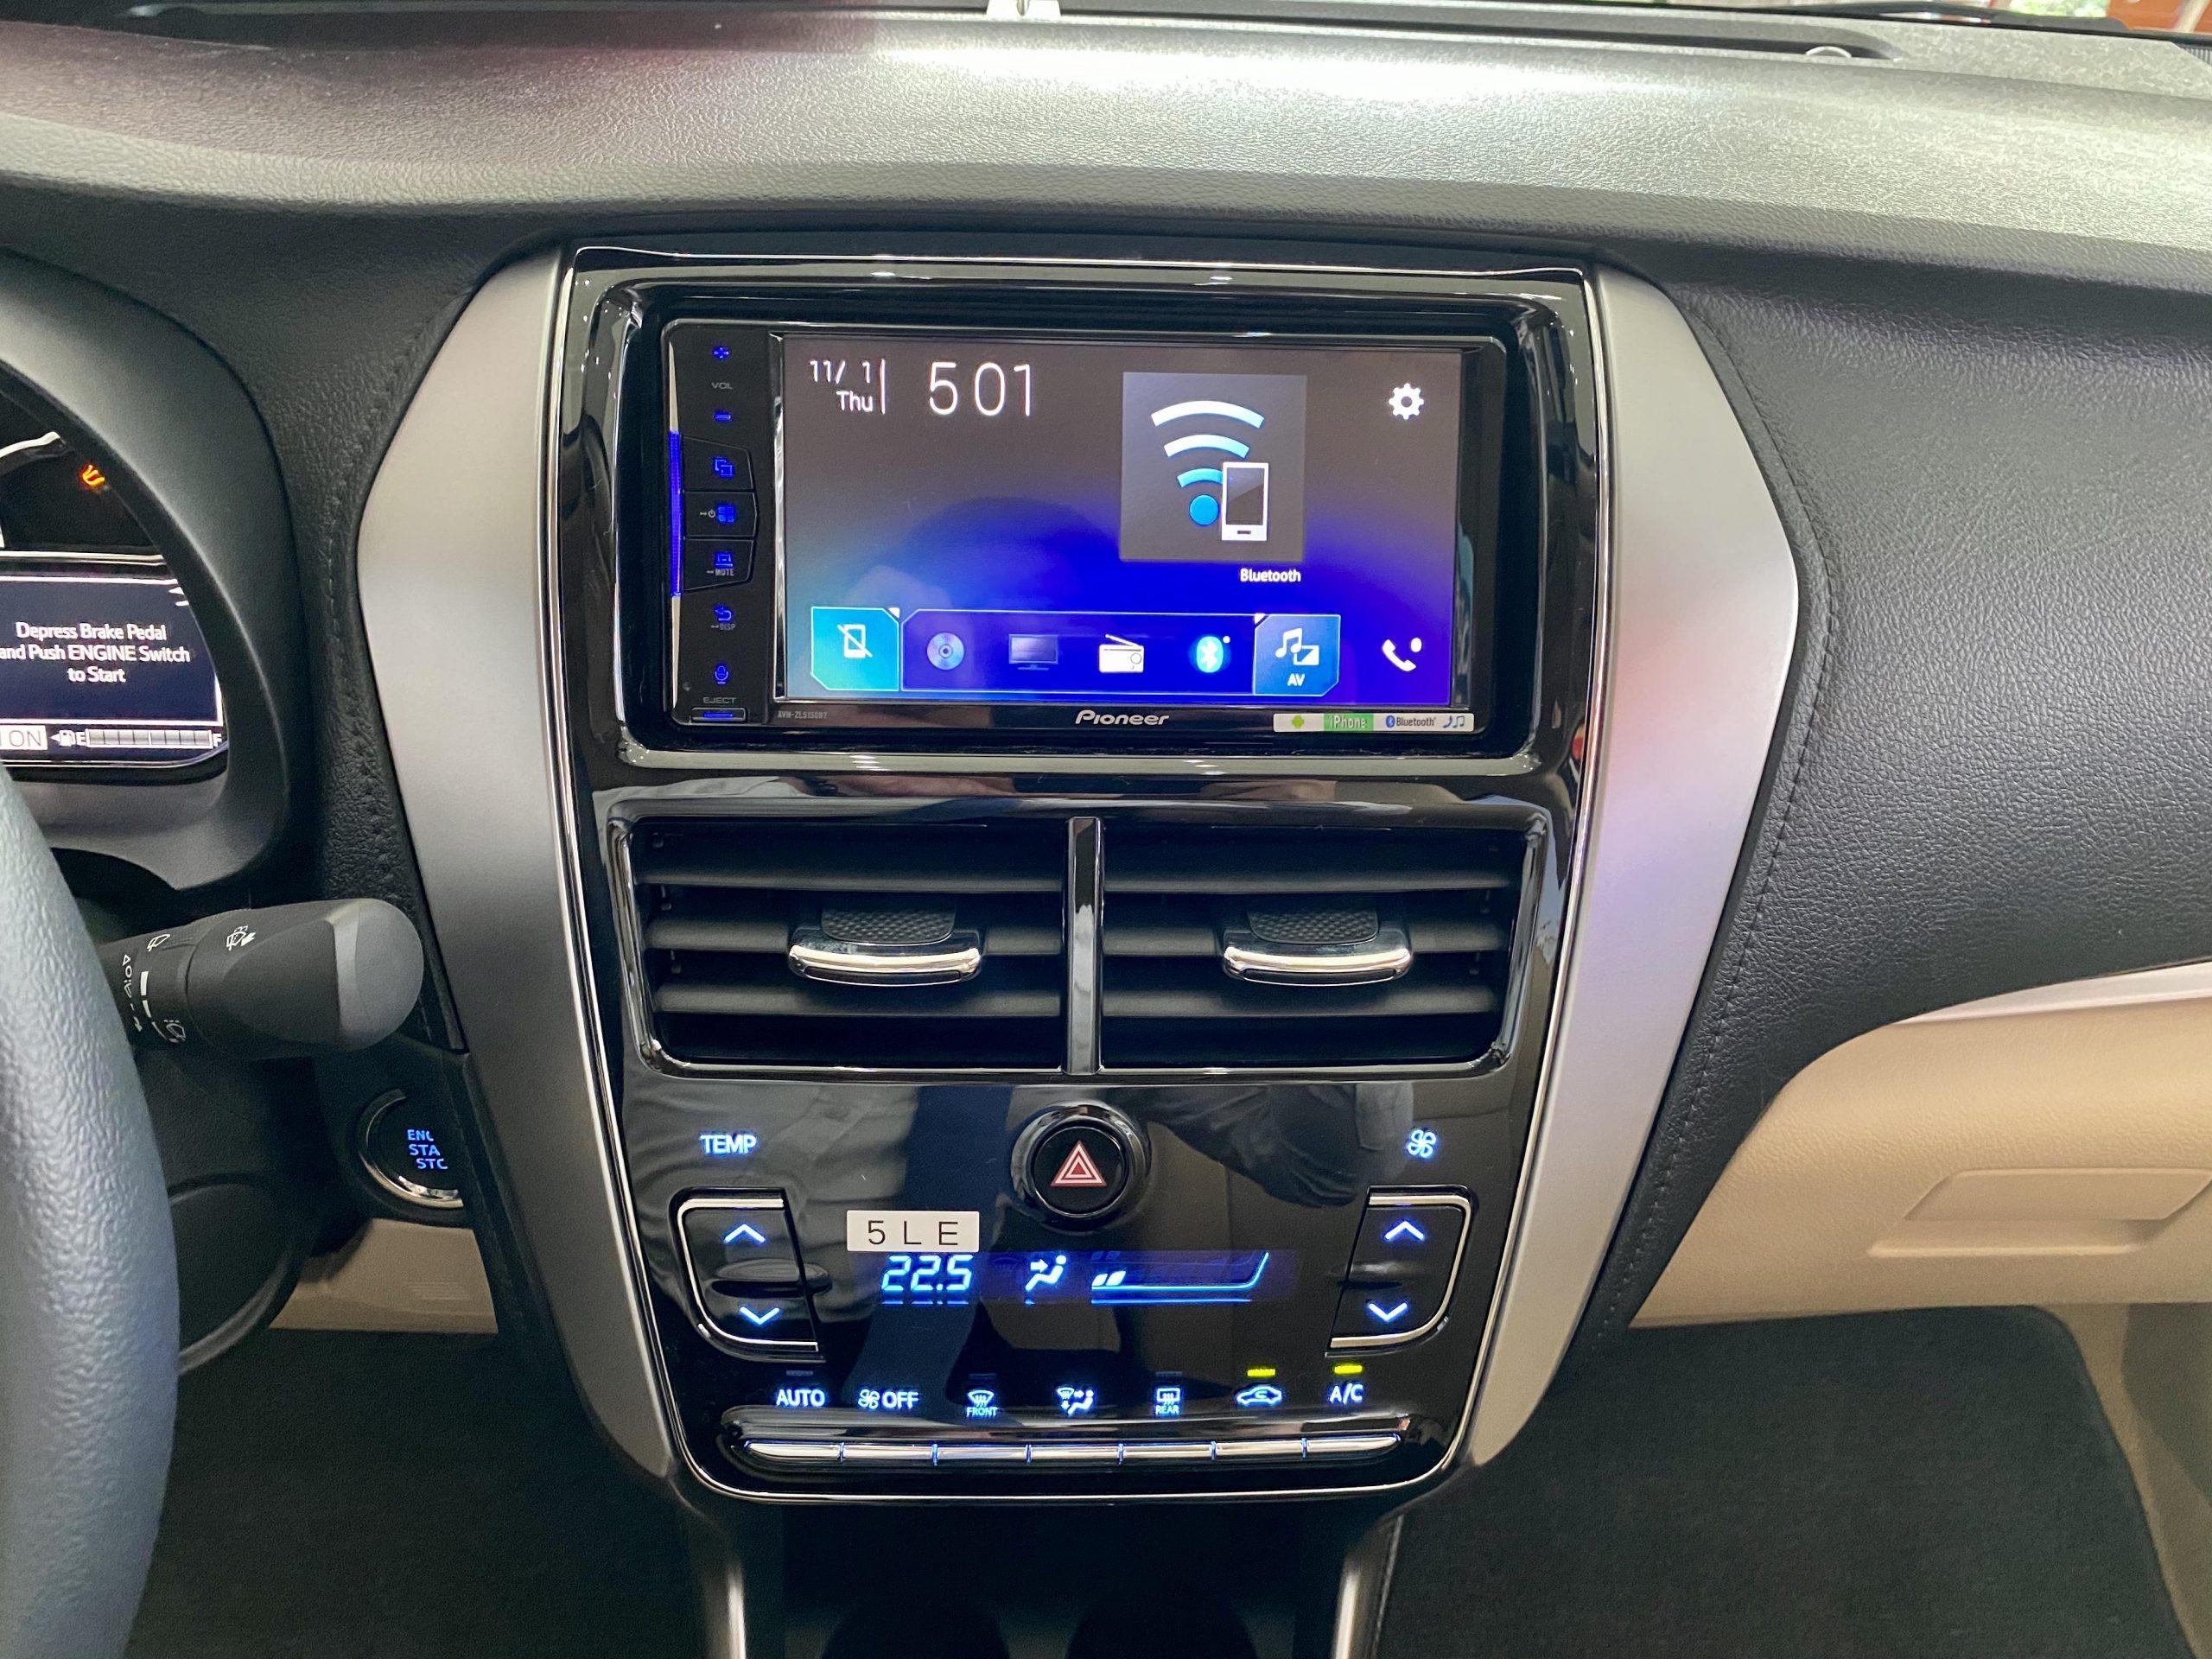 Vios 2020 G 10 scaled - Toyota Vios 2020: giá bán và khuyến mãi cập nhật mỗi 2 phút